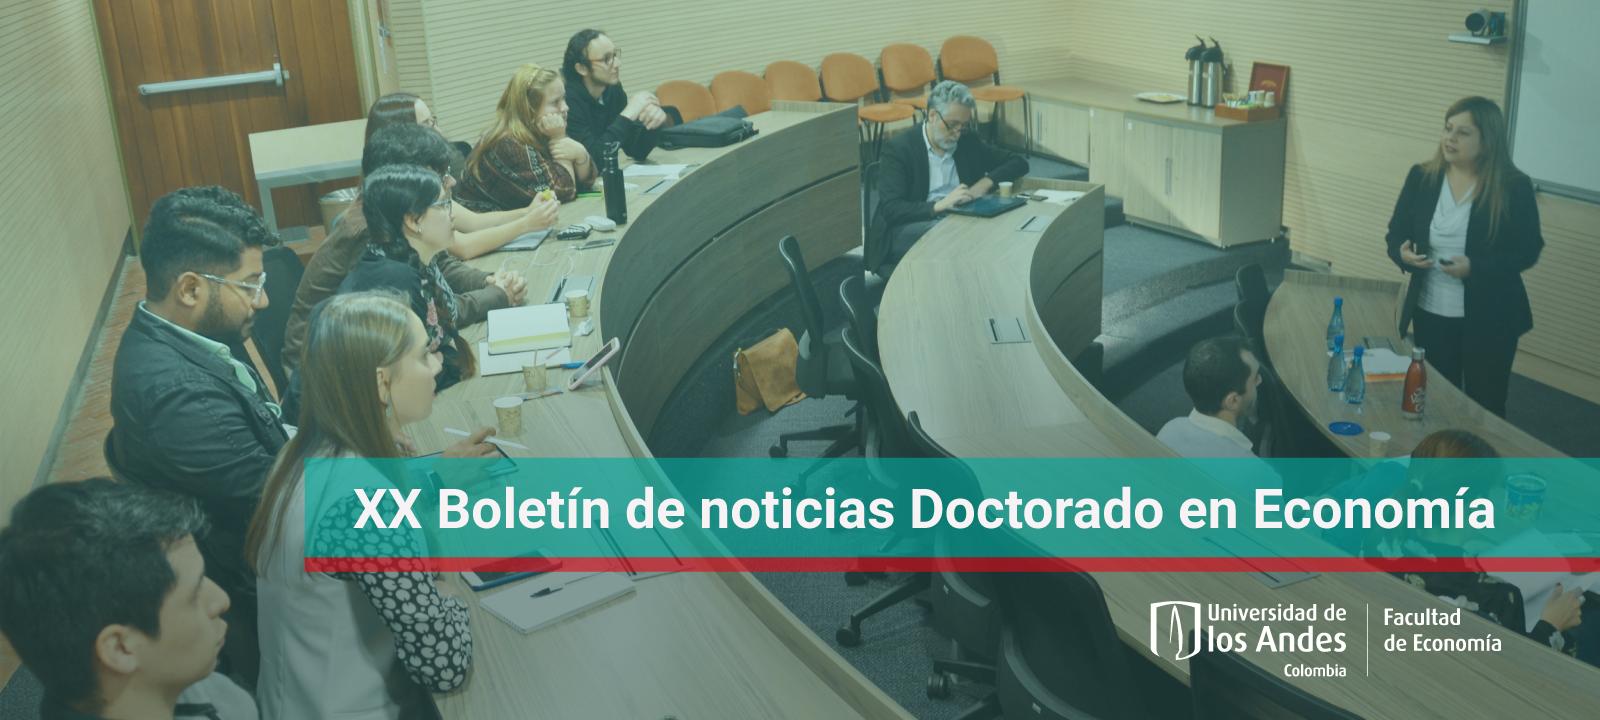 XX-boletin-doctorado-desktop